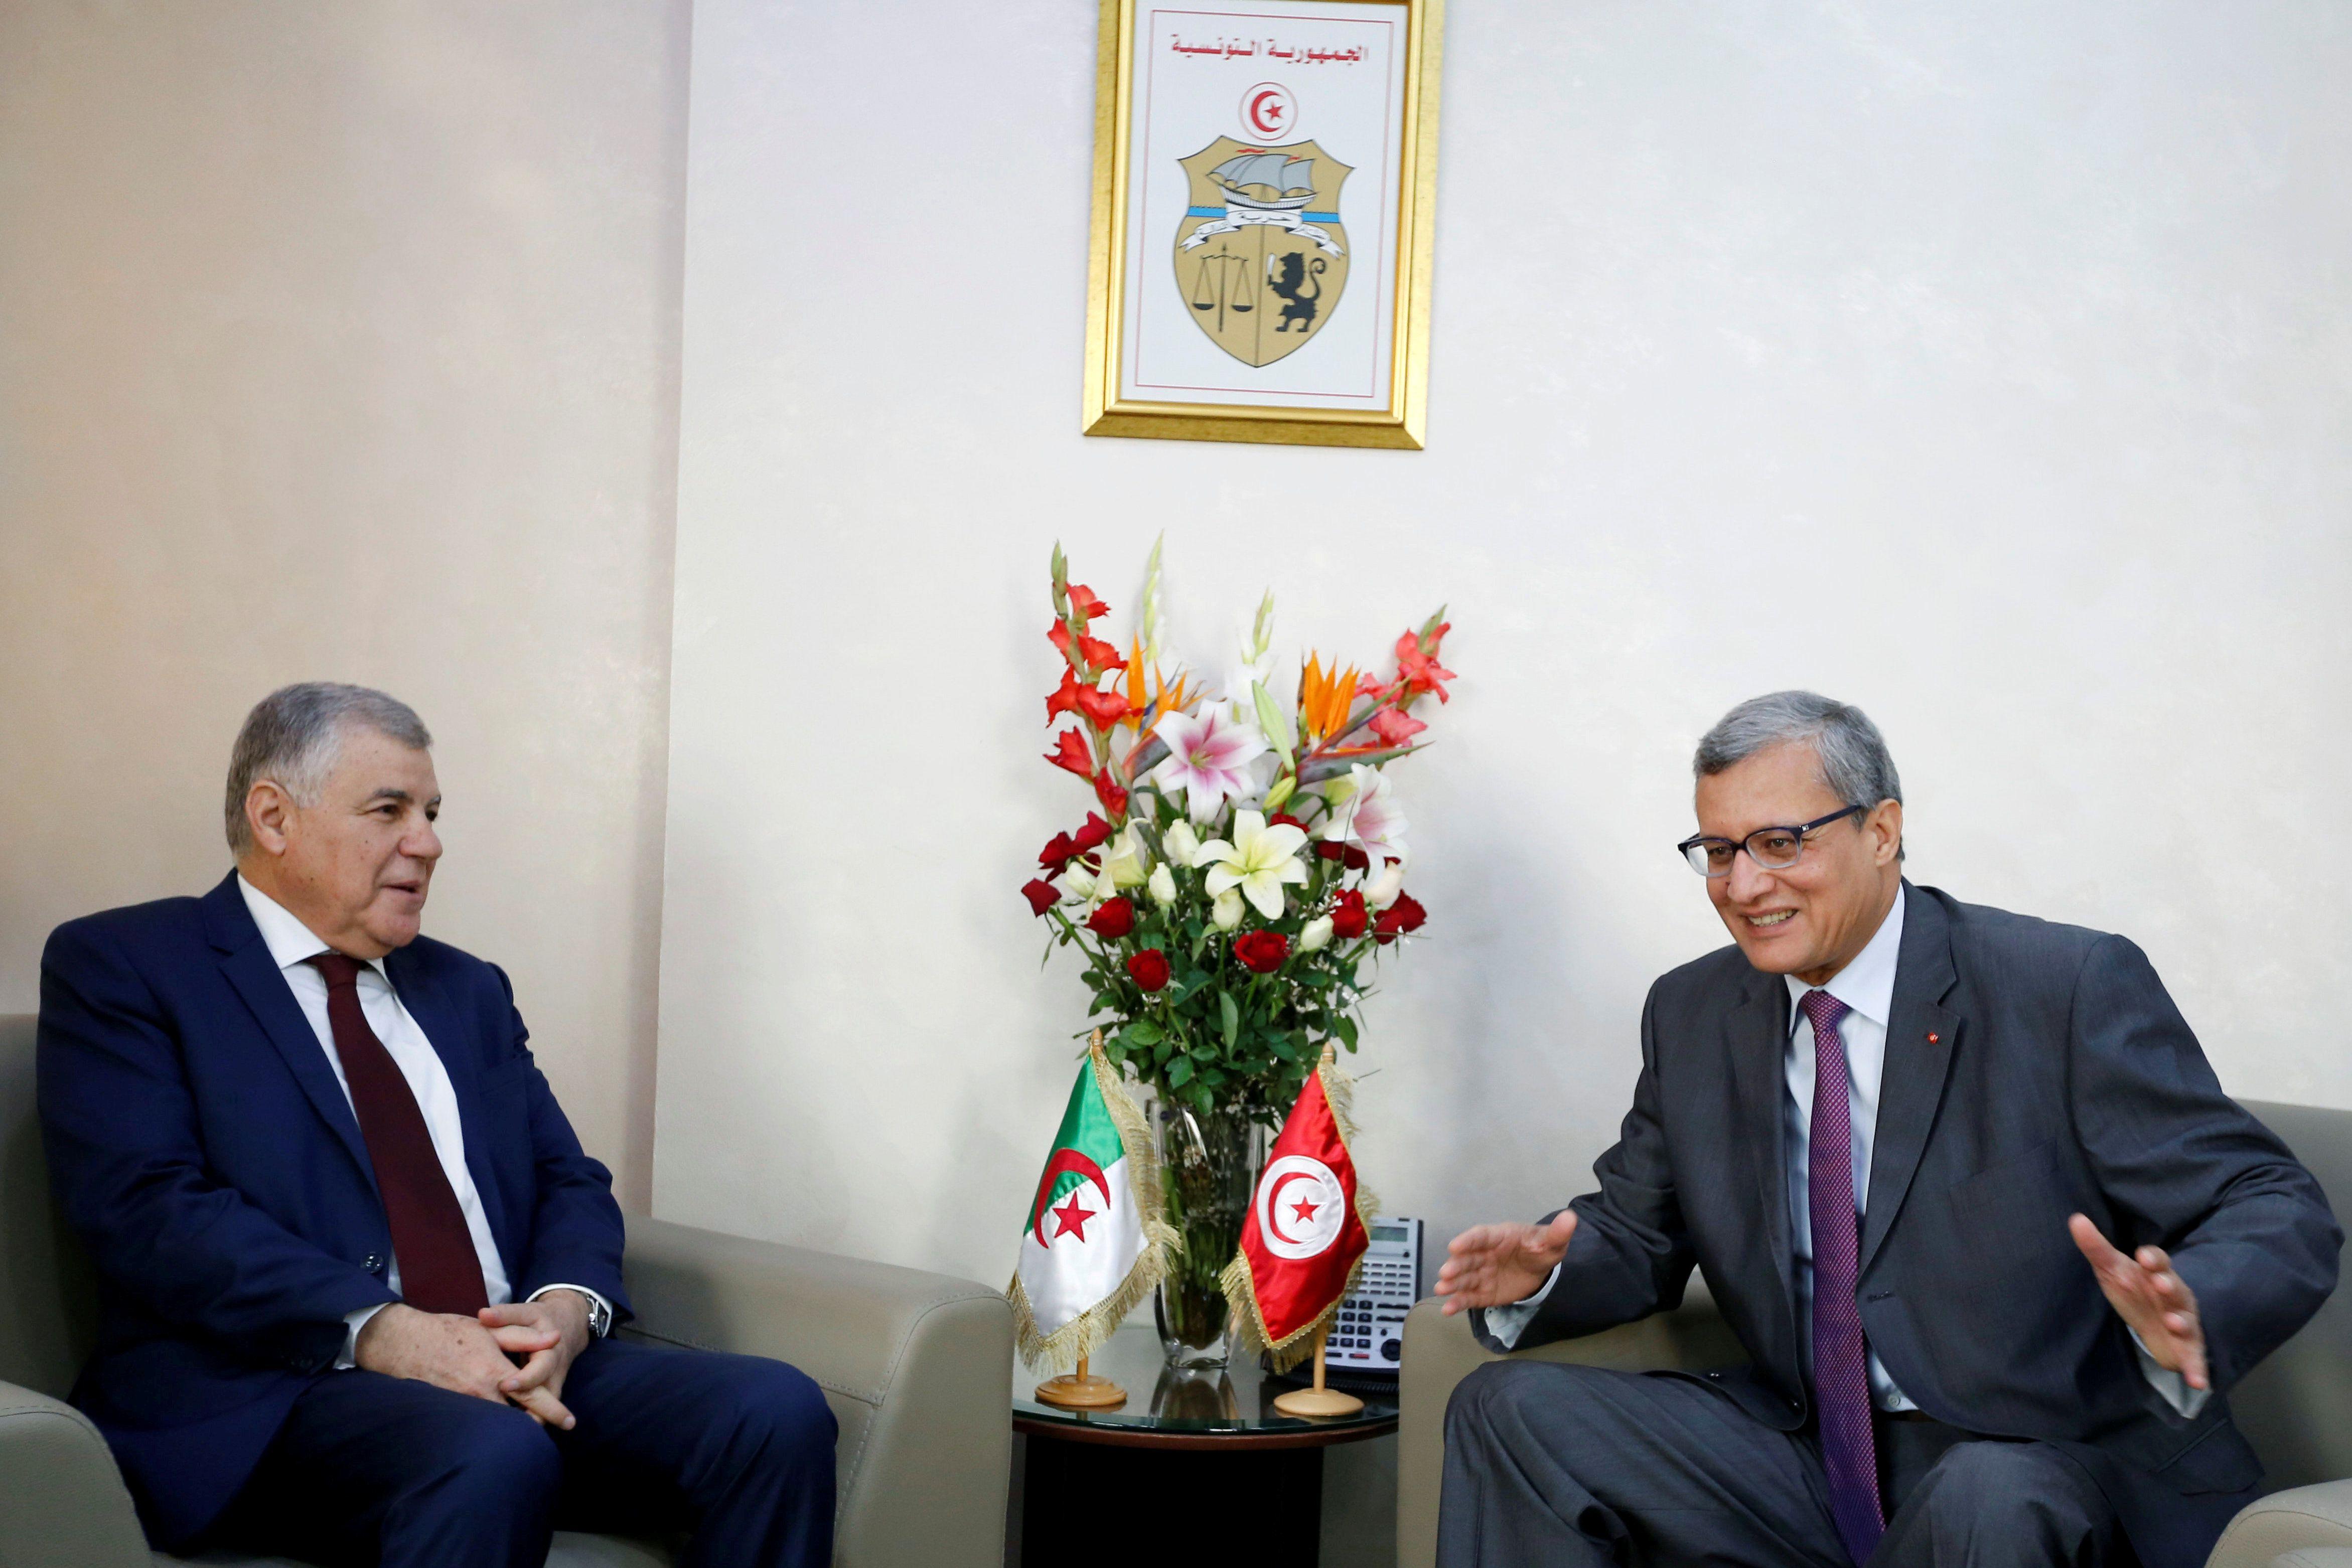 La Tunisie ne va céder aucune entreprise publique dans le domaine de l'énergie rassure le ministre de